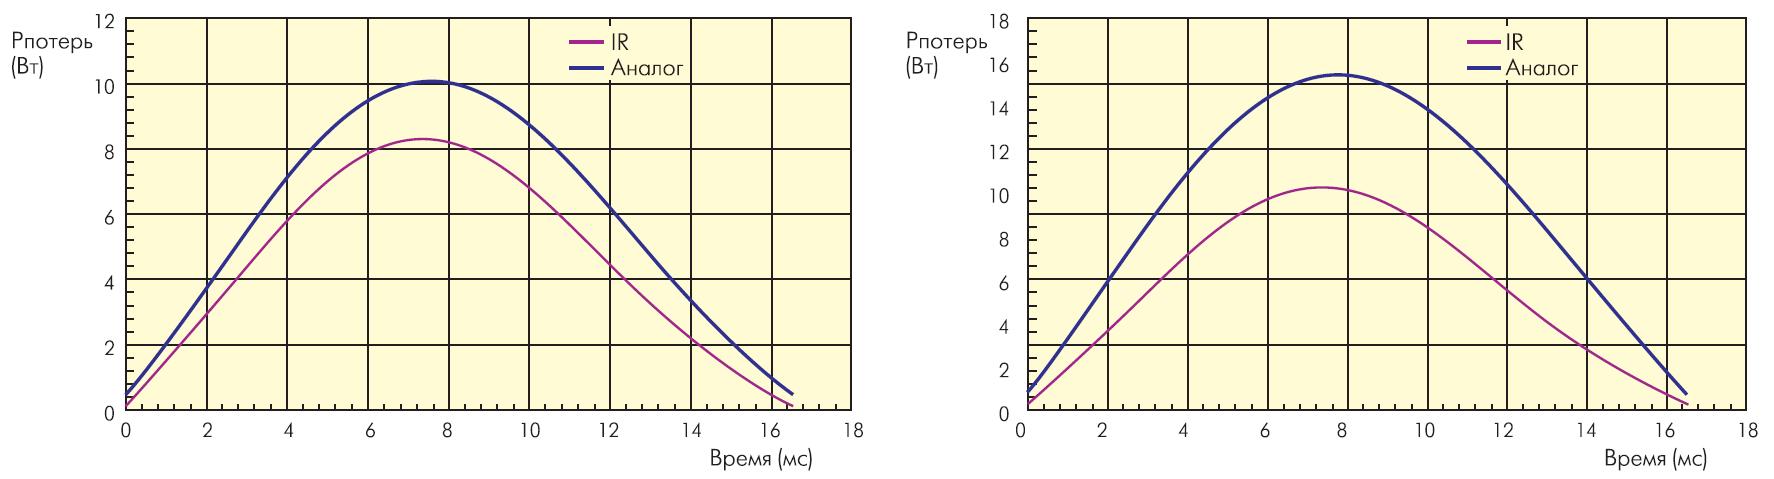 Изменение мощности потерь в течение полупериода при температуре кристалла 25 С (слева) и 125 С (справа)